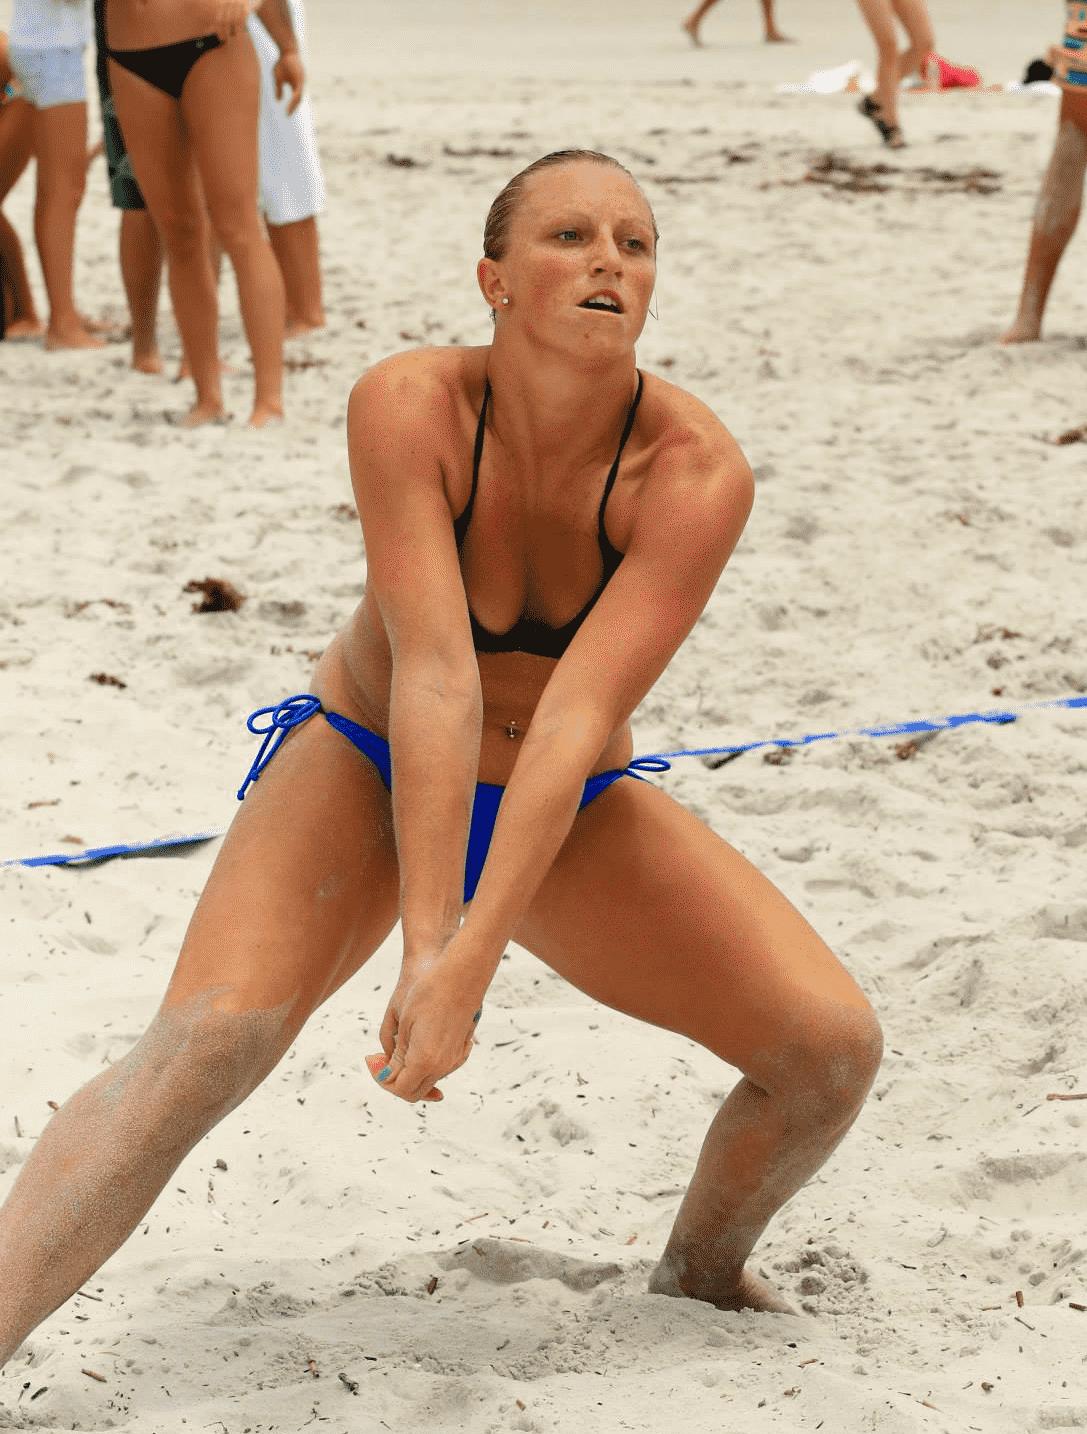 jax beach vball coach tanner garbutt passing volleyball